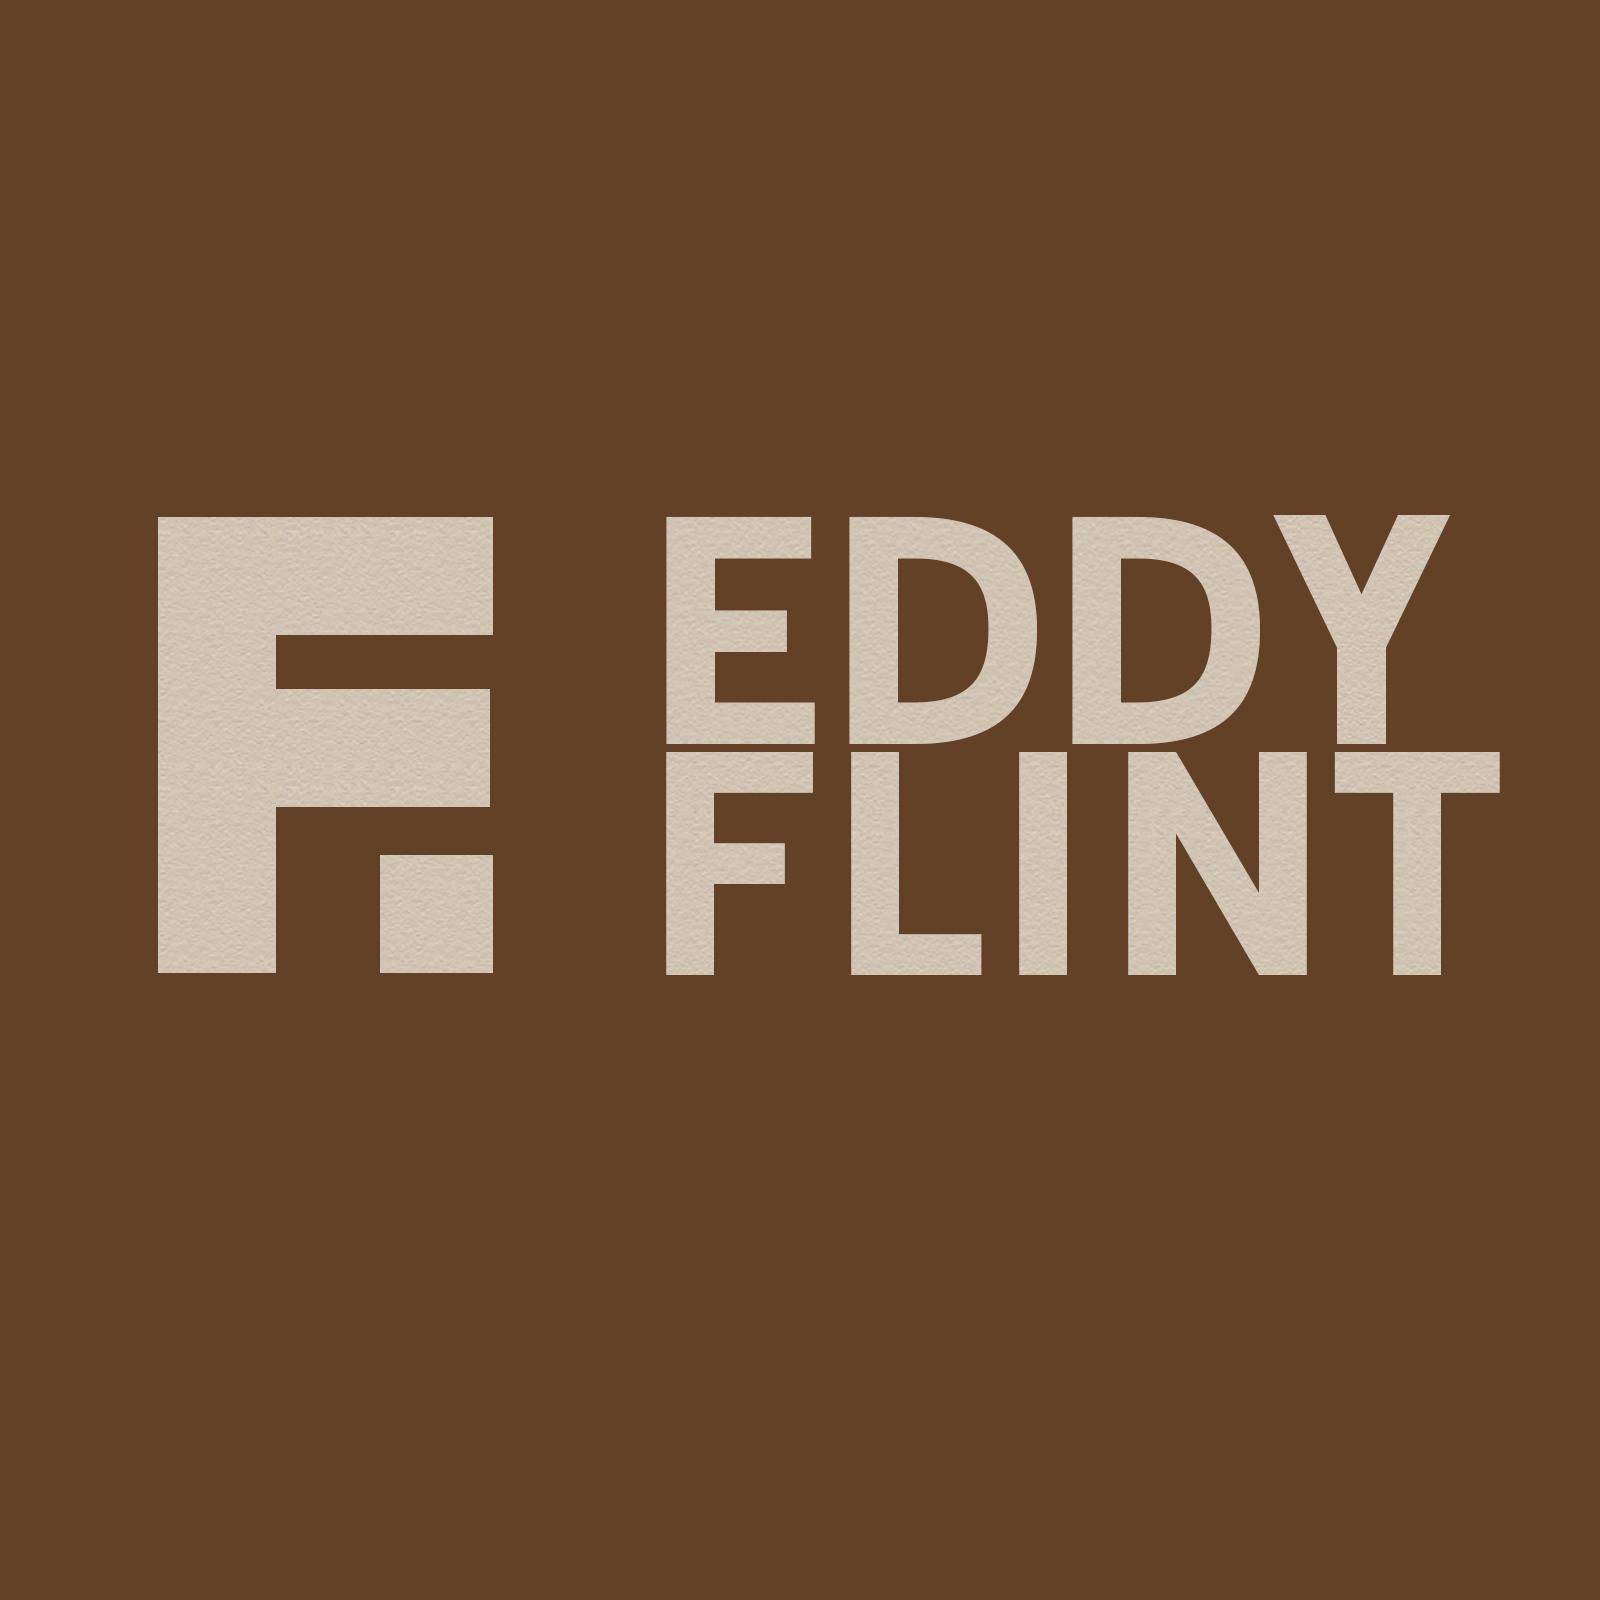 Eddy Flint - фотограф